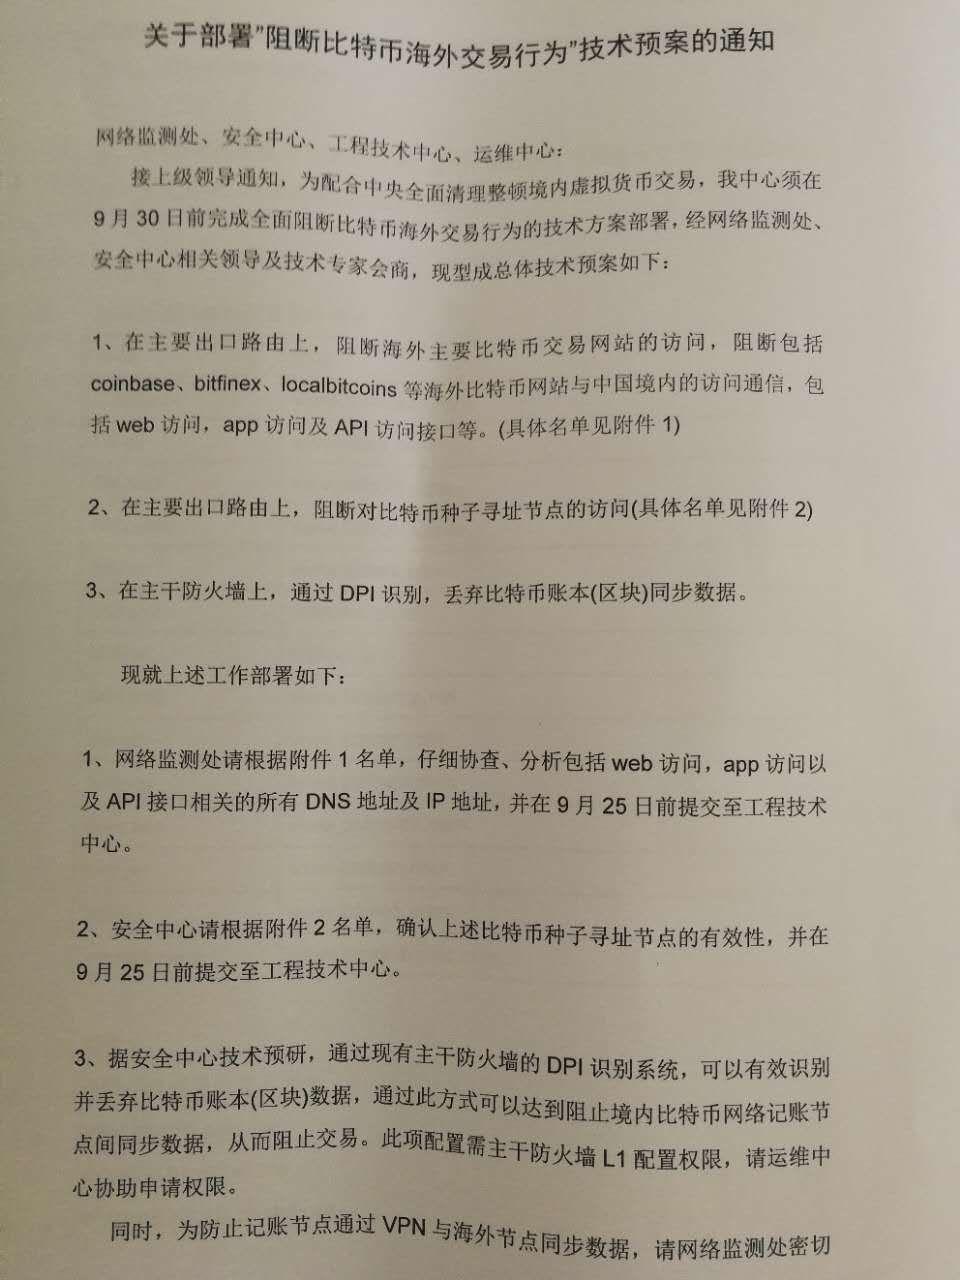 Китай может изолировать узлы и пулы майнинга от глобальной сети Биткоина